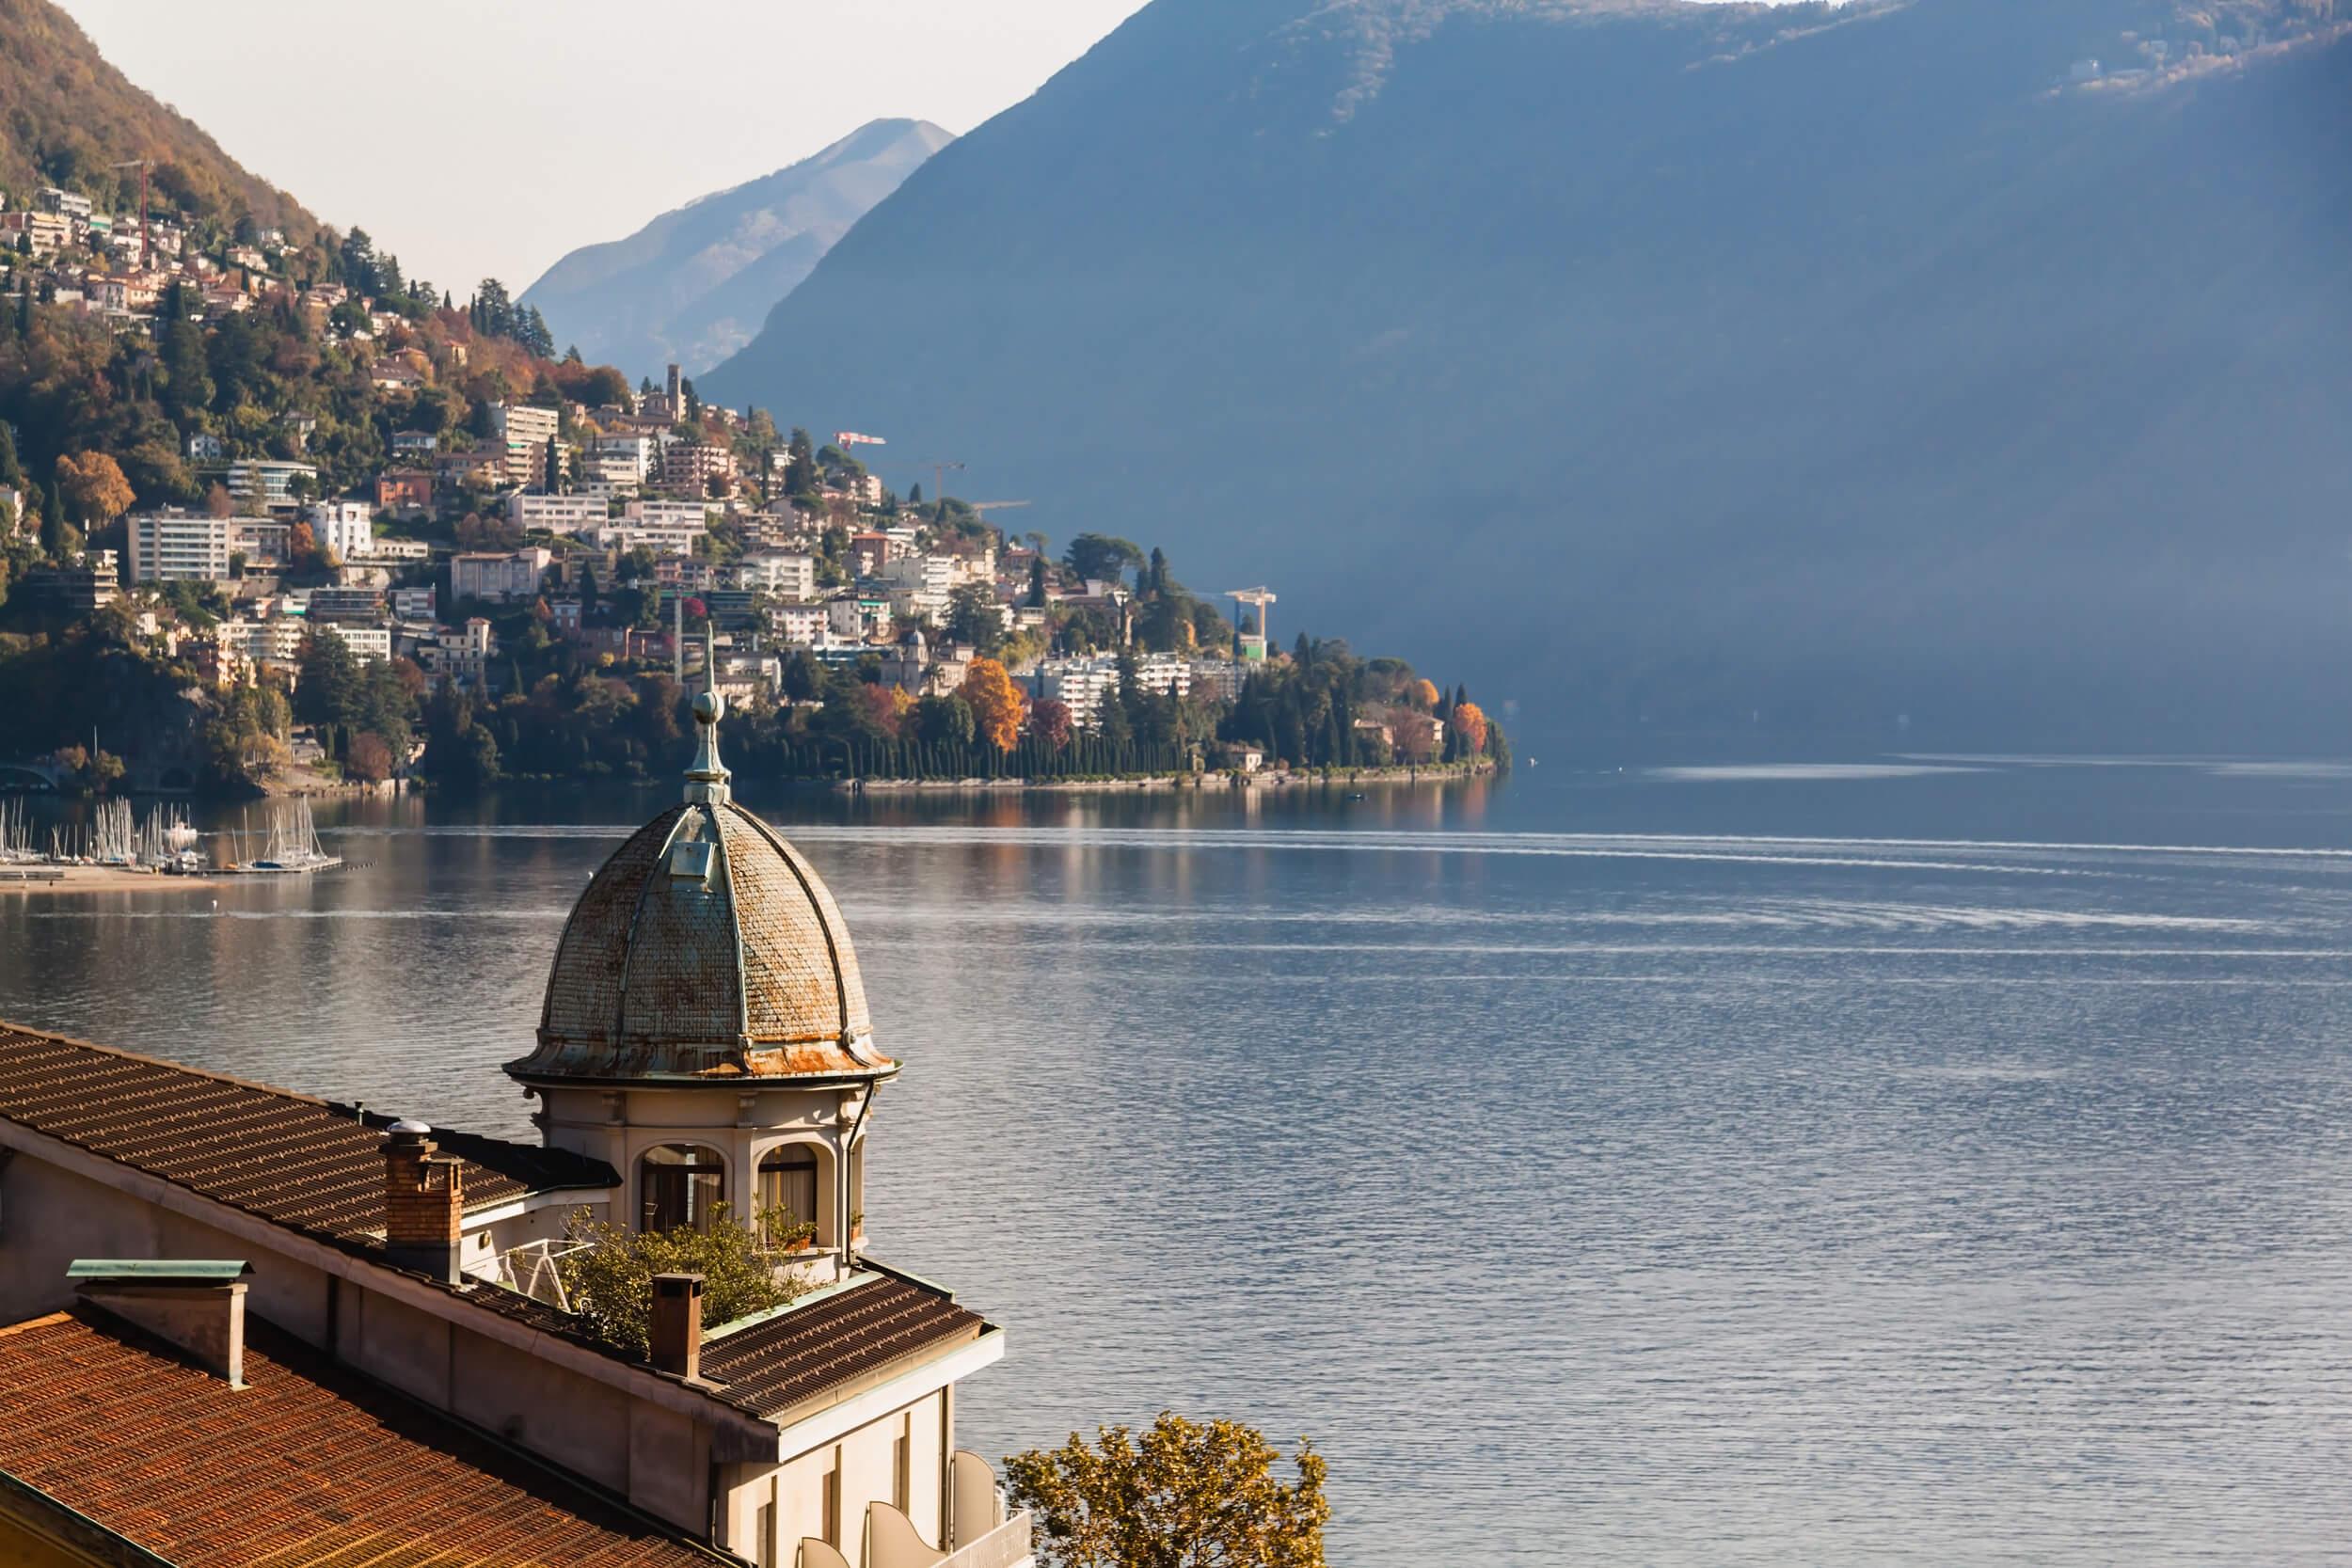 Travel to Lugano in Autumn